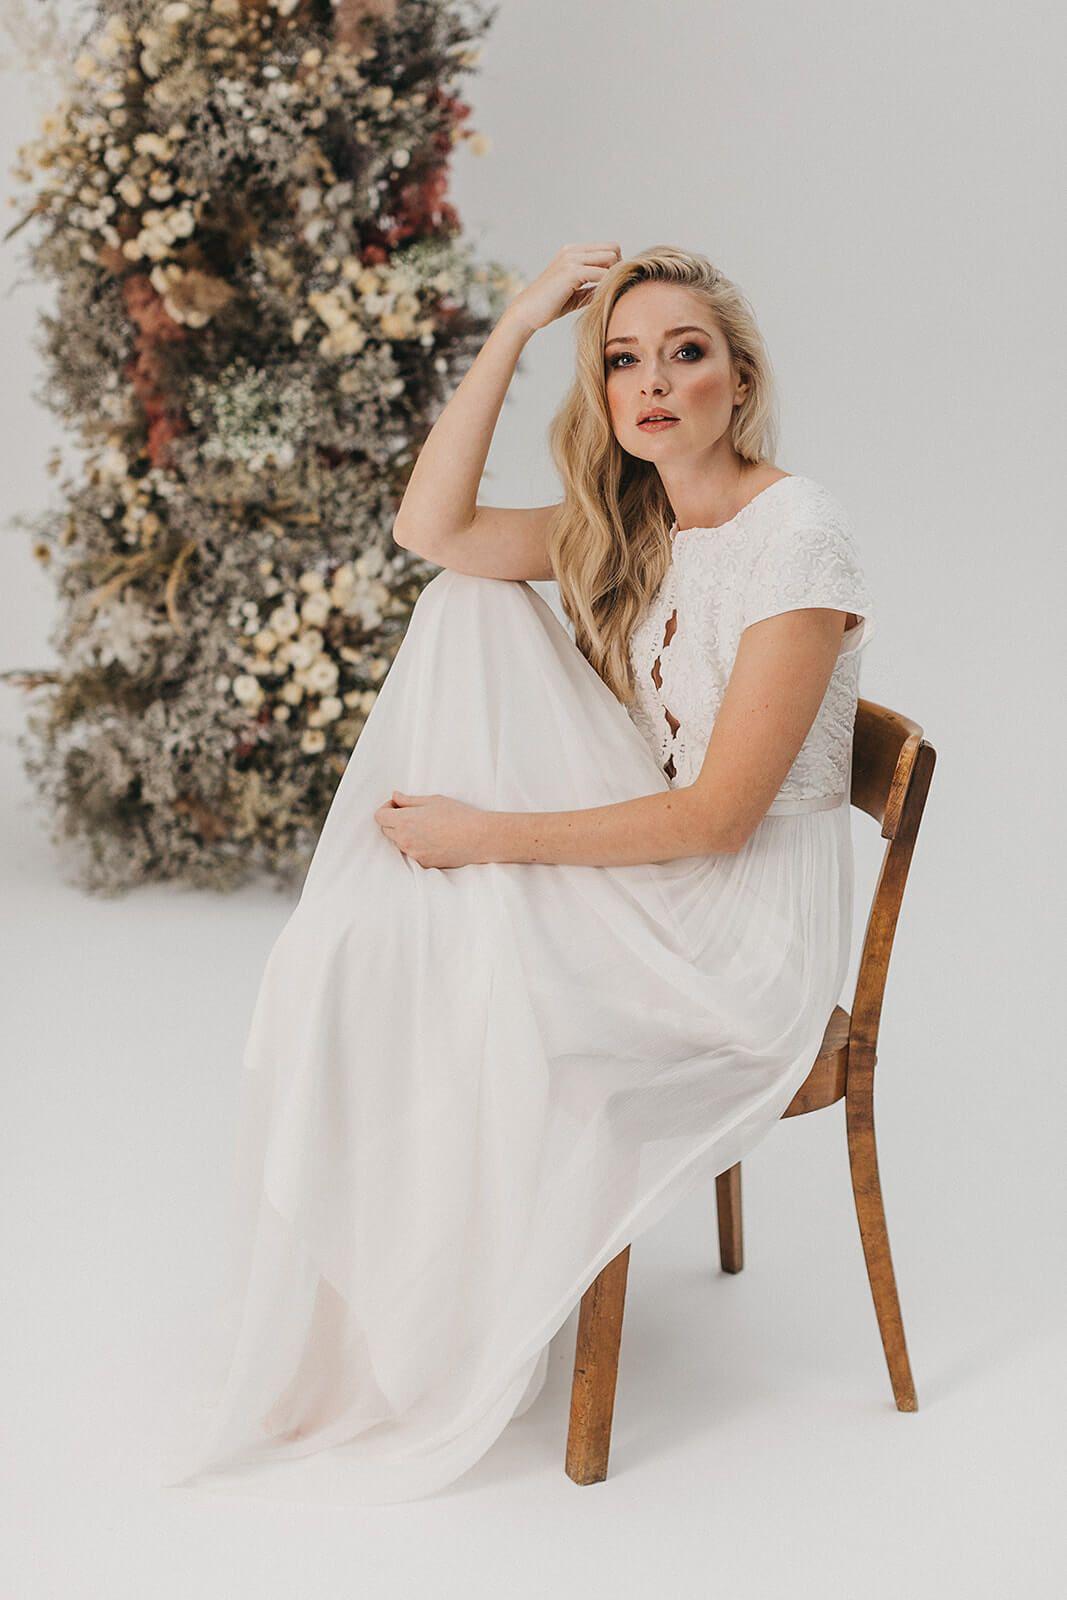 Hochgeschlossenes Hochzeitskleid mit Spitze und Seidenrock in 18